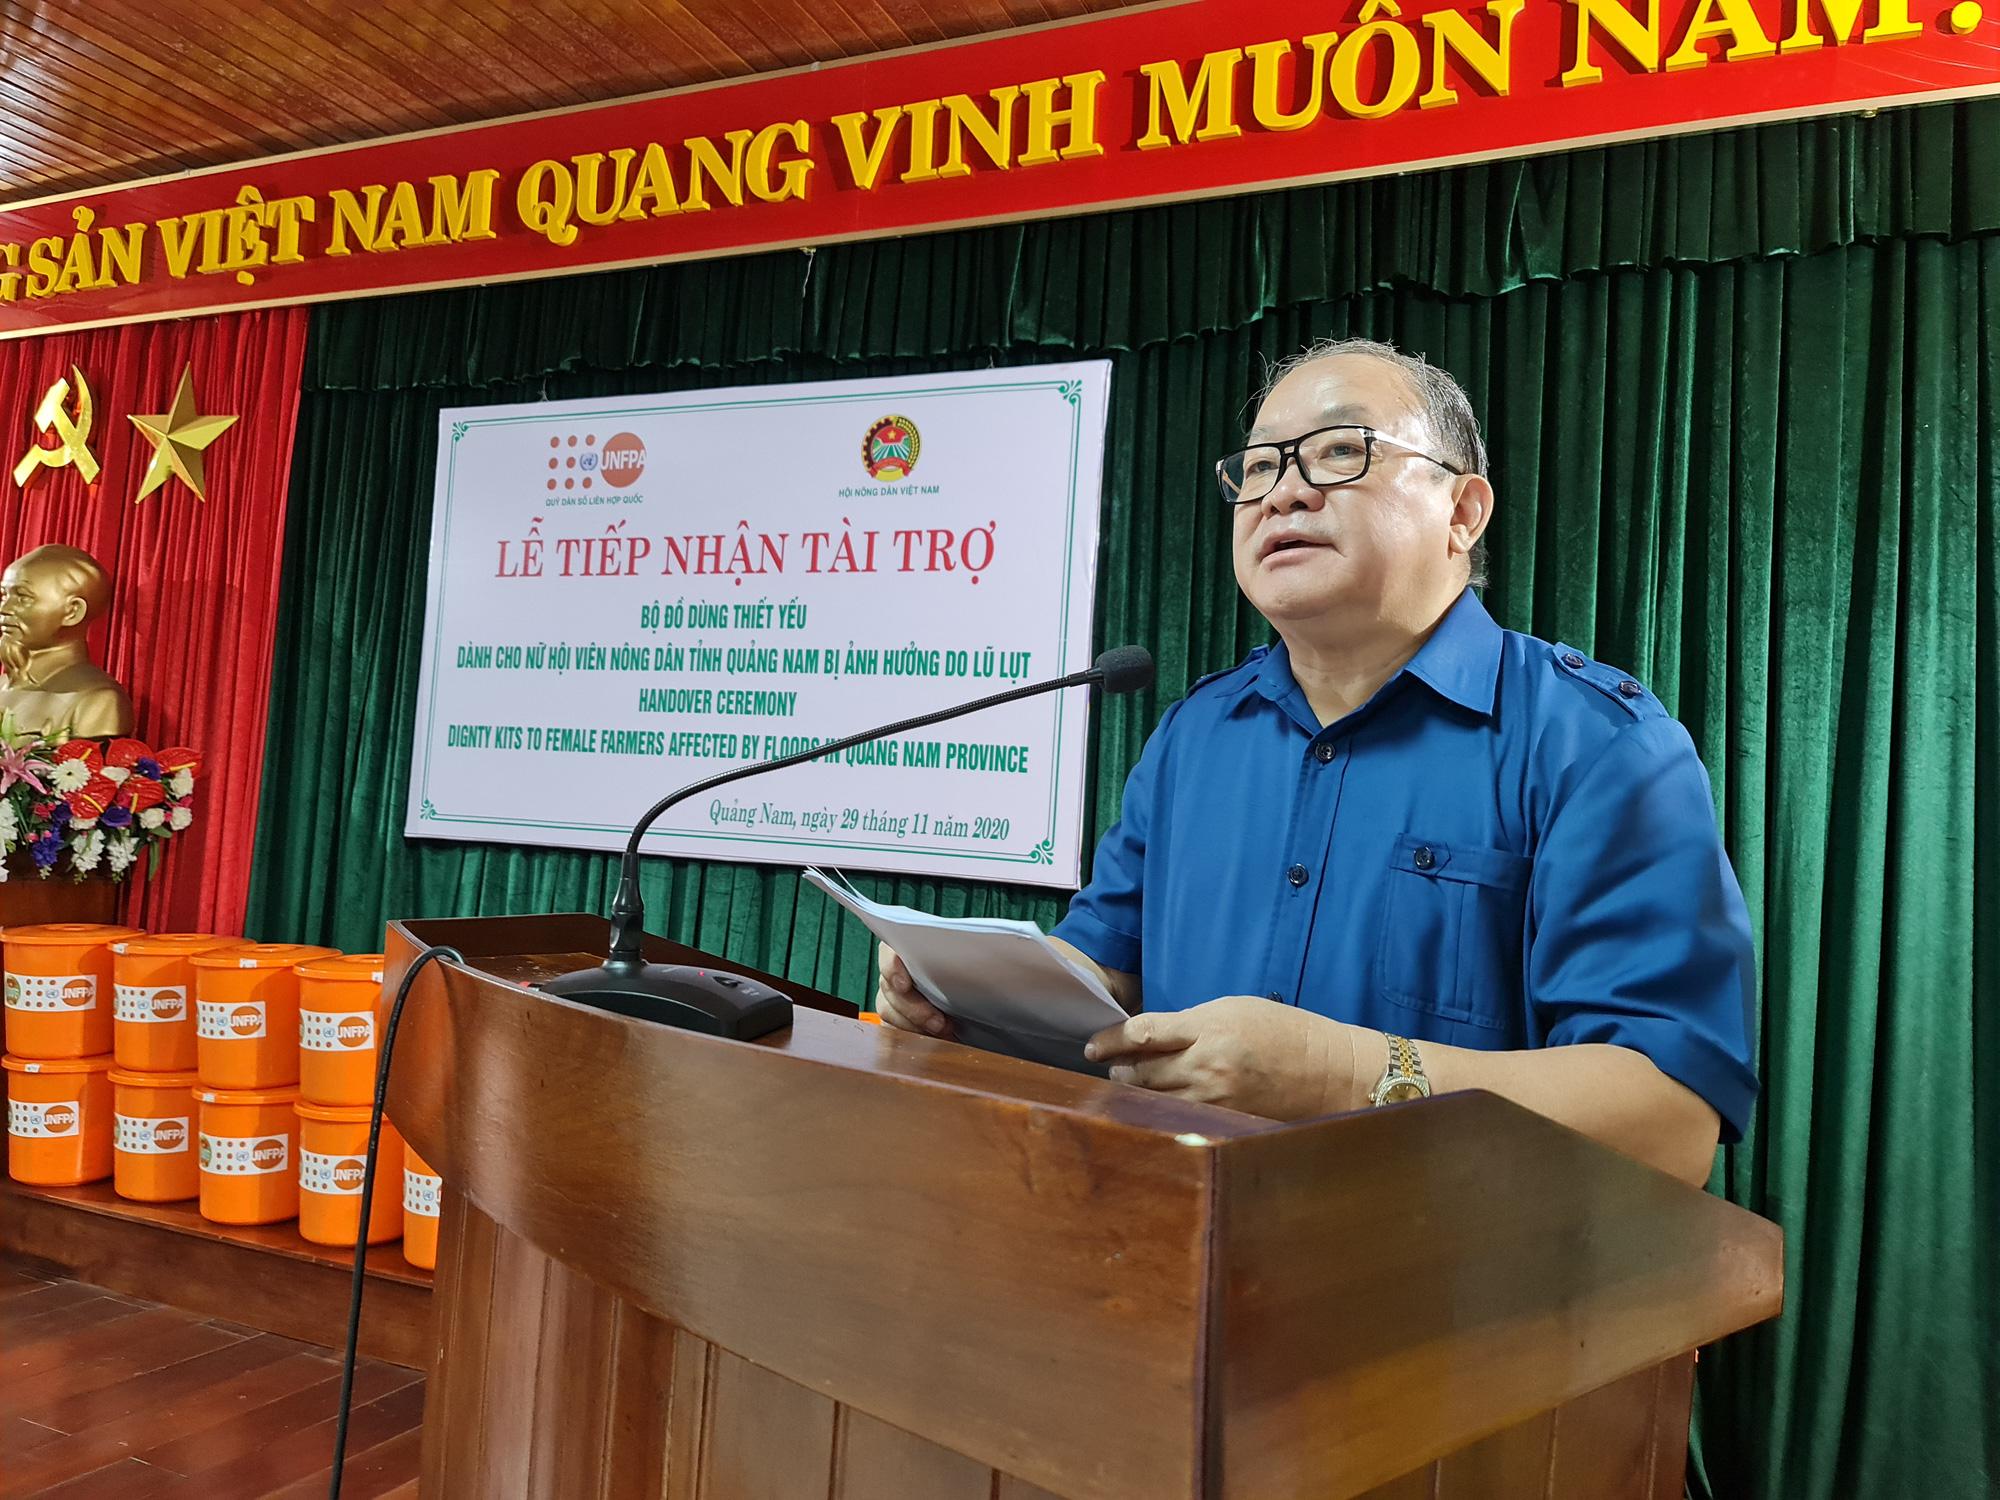 Chủ tịch TƯ Hội Nông dân Việt Nam trao 1.543 bộ đồ dùng thiết yếu cho nữ hội viên Quảng Nam - Ảnh 1.